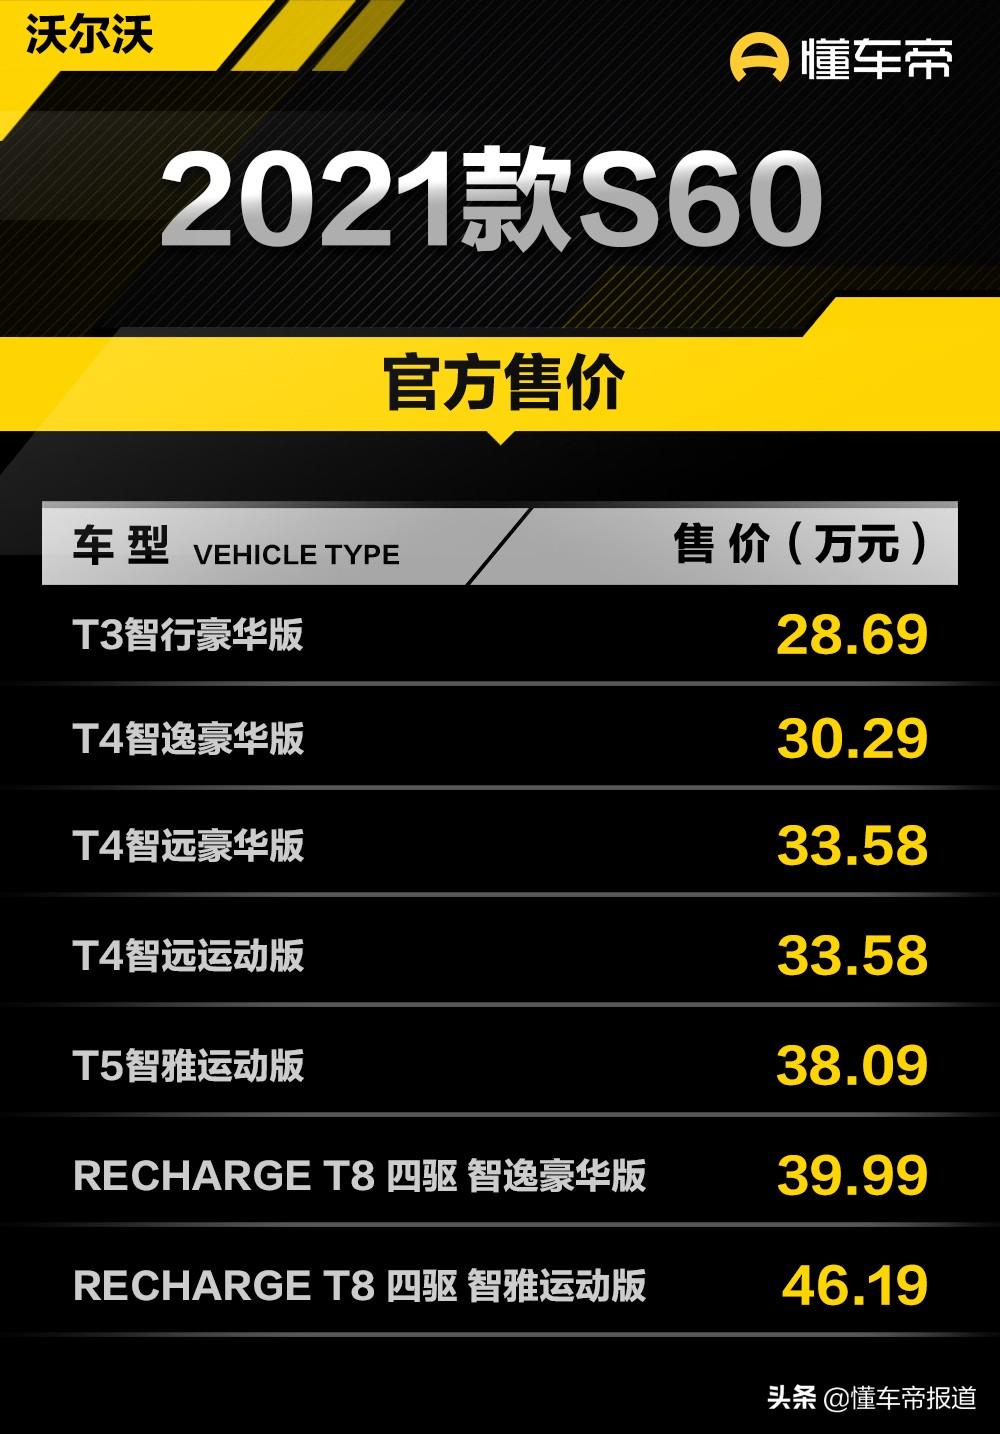 新车   2021款沃尔沃S60上市 售28.69万元起